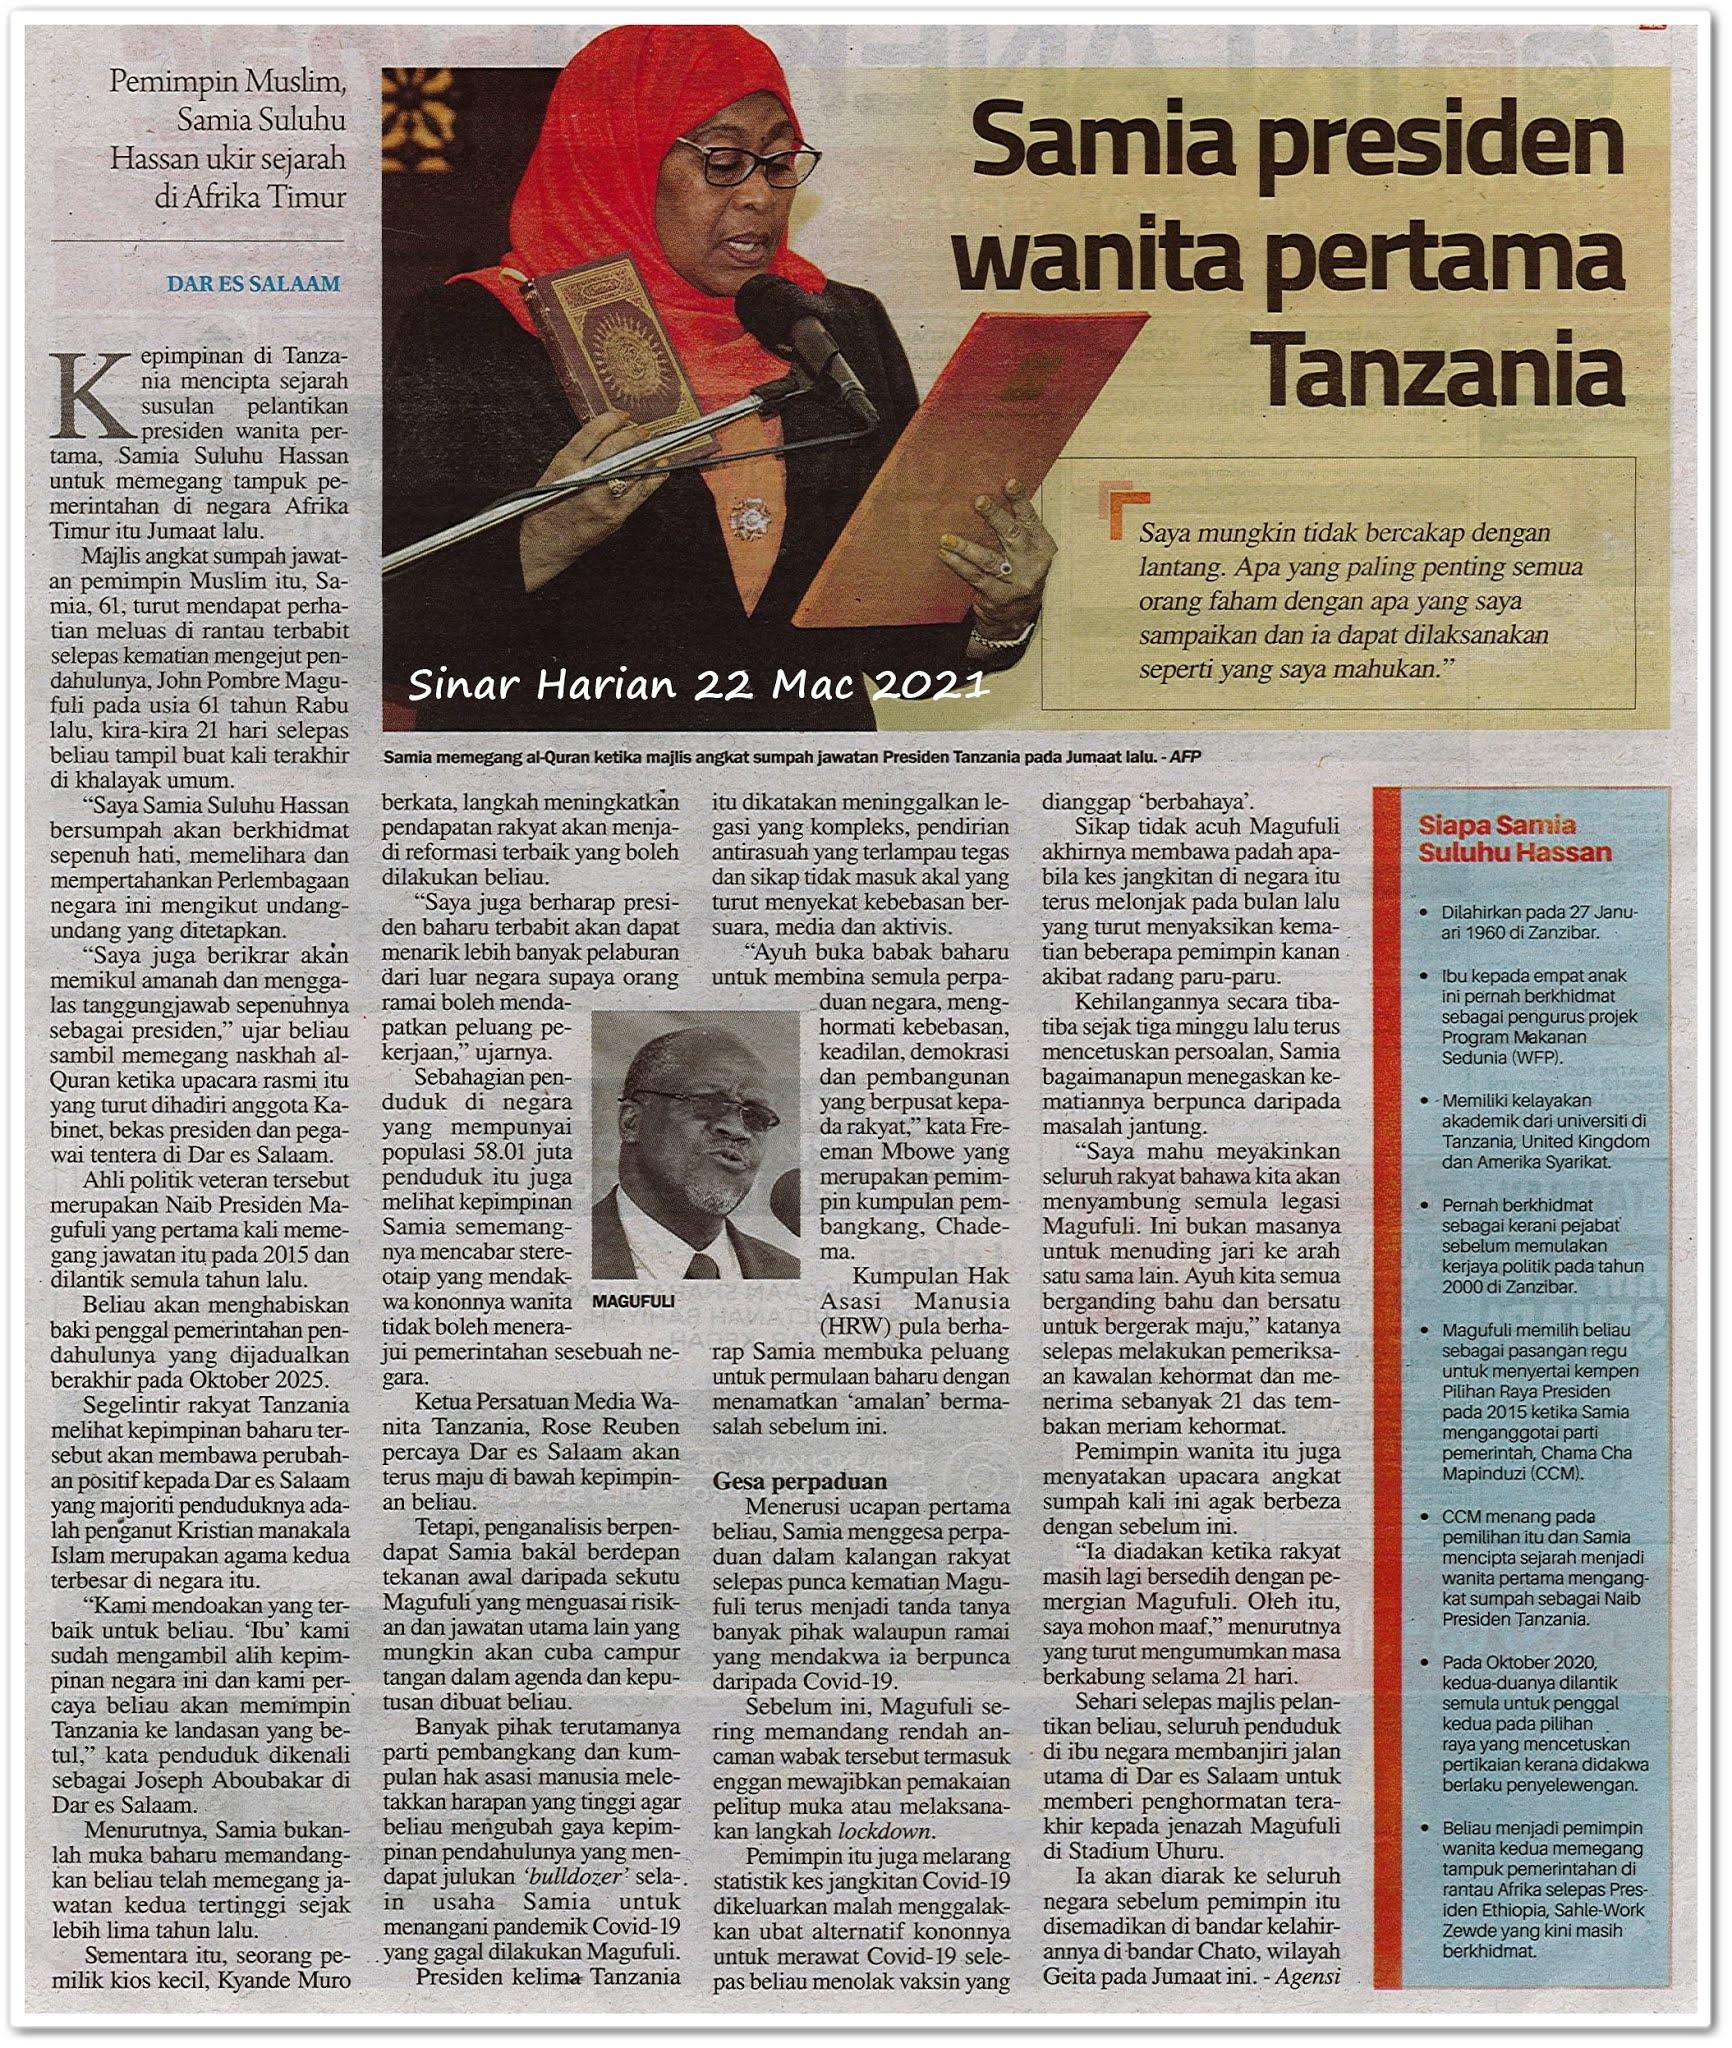 Samia presiden wanita pertama Tanzania - Keratan akhbar Sinar Harian 22 Mac 2021